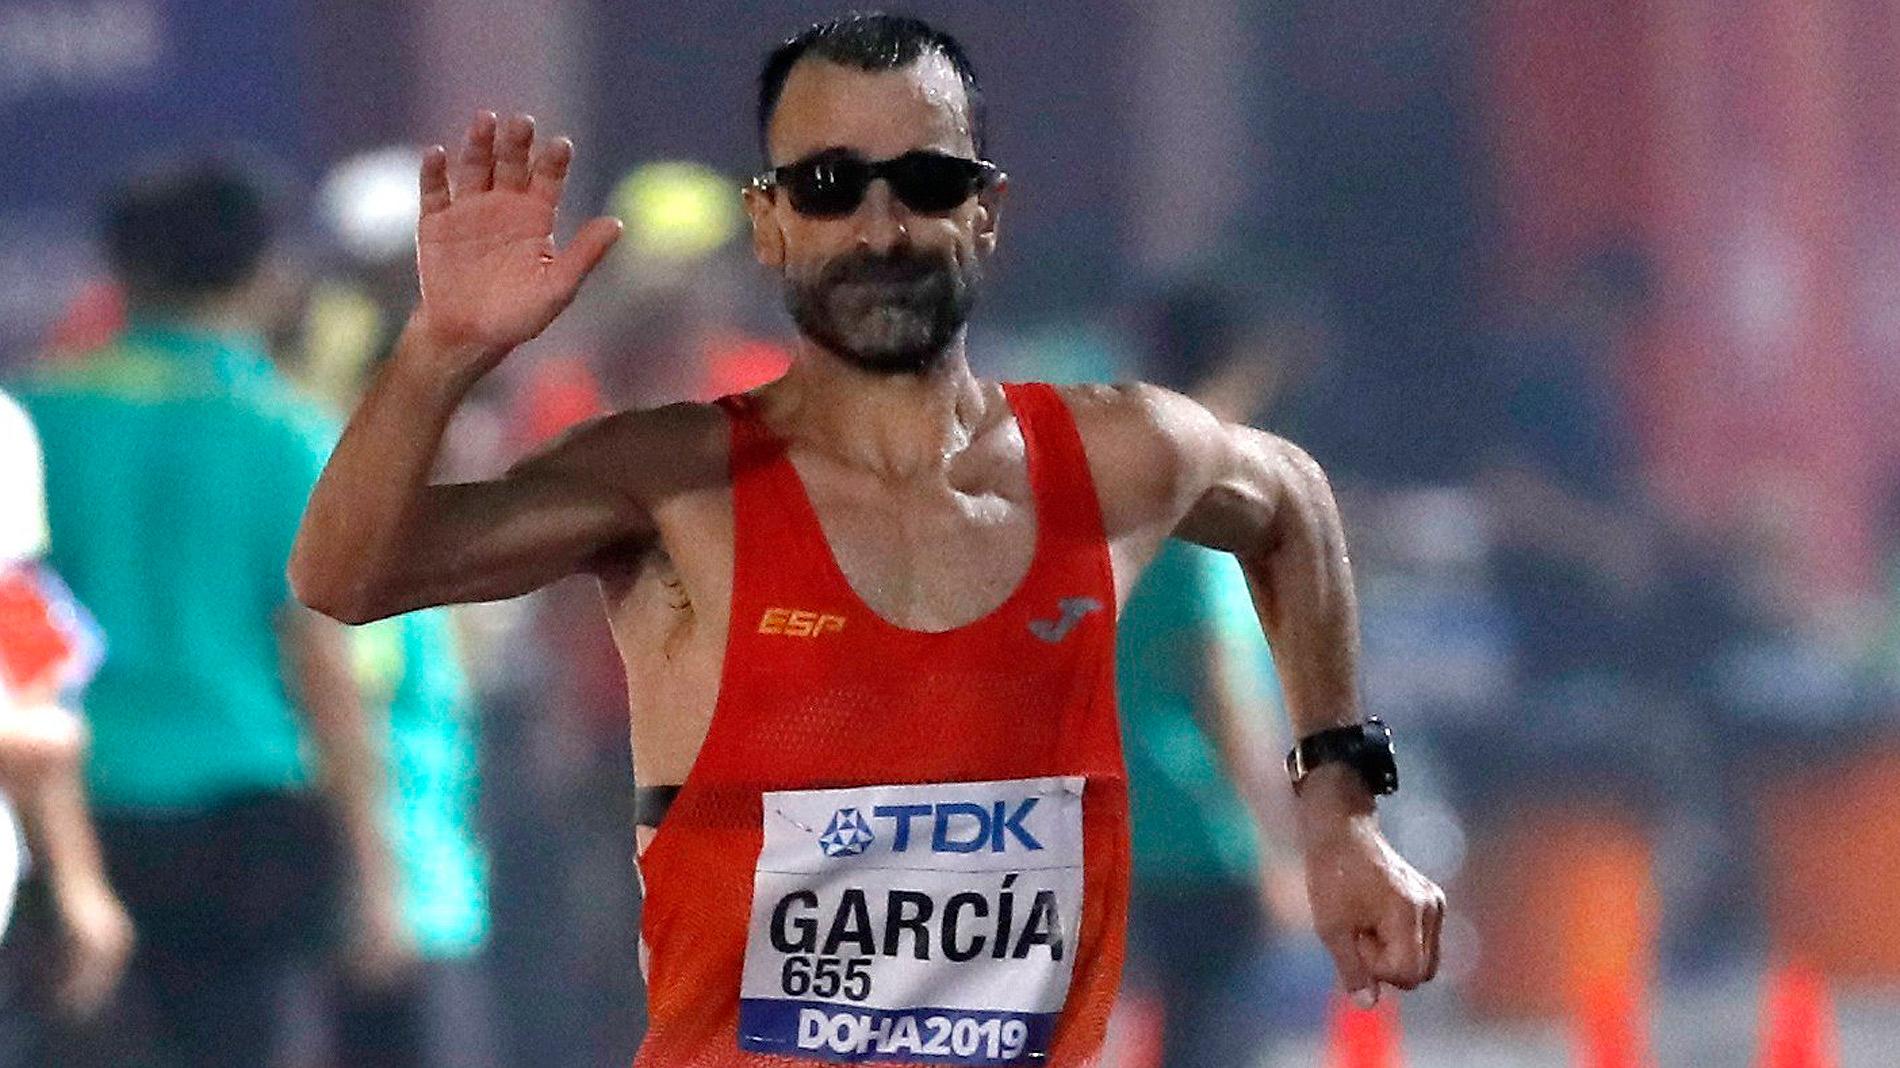 2019. El campeón llega a la meta de Doha con 49 años y se clasifica para Tokio 2020.